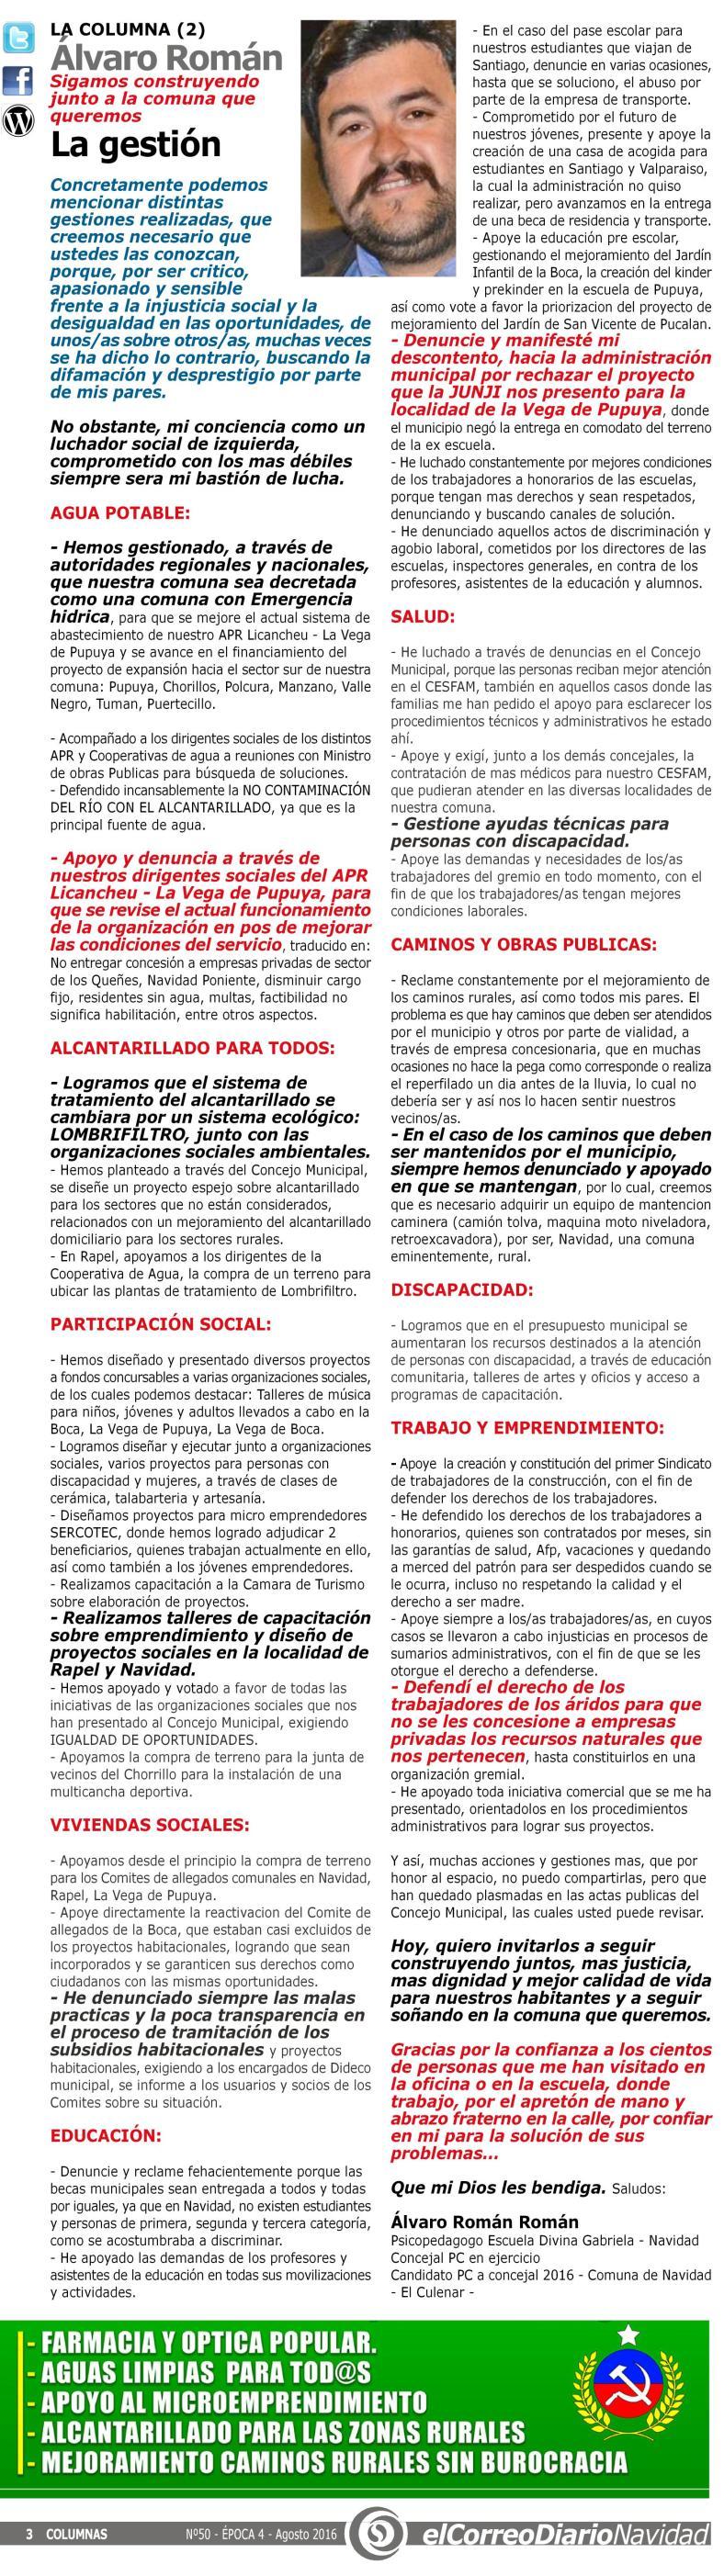 COLUMNA EDITORIAL ALVARO (1) CTA PUB OK a